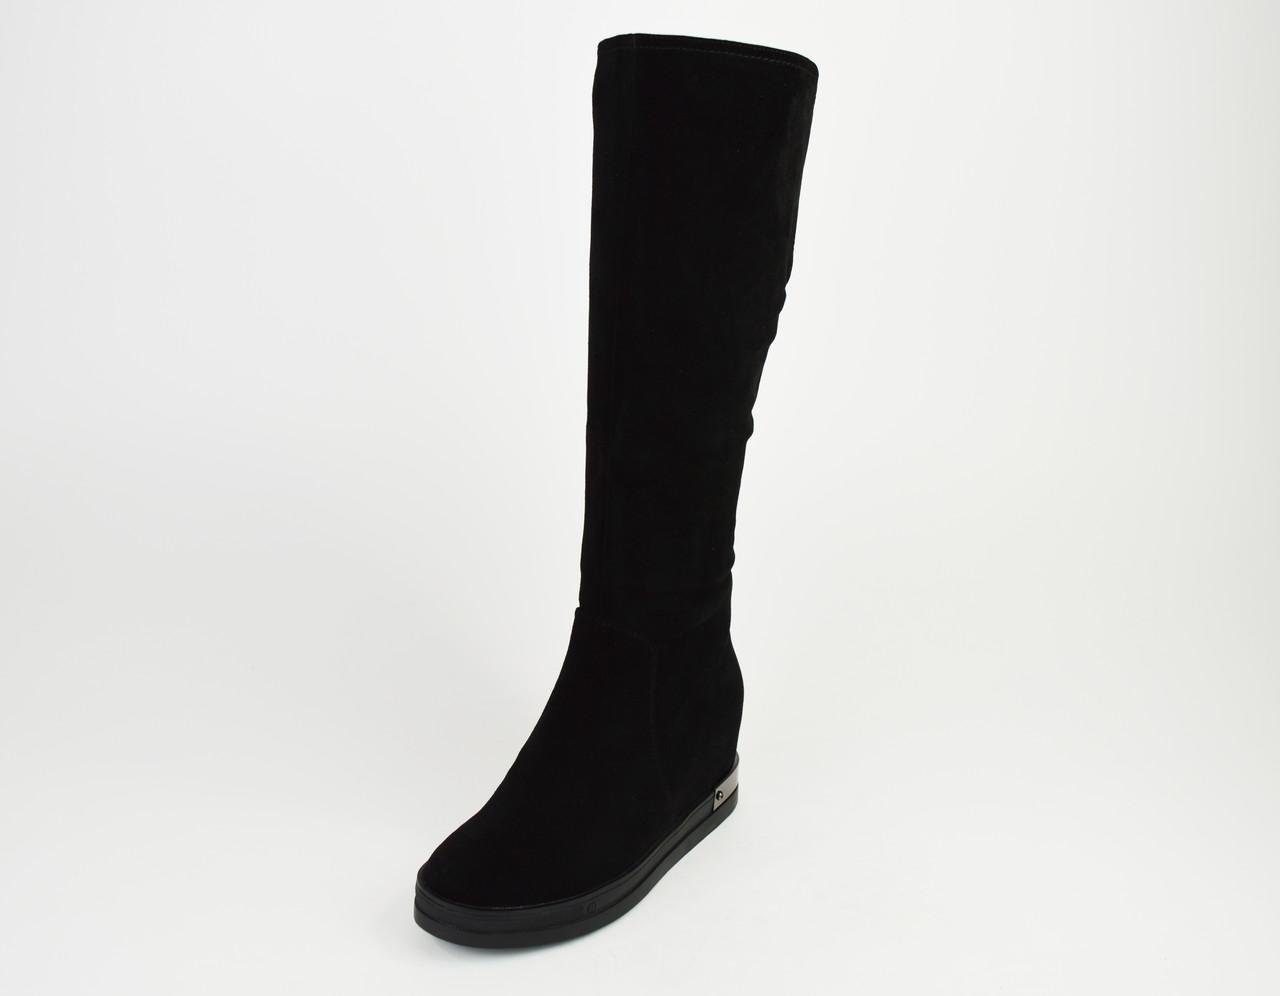 Сапоги зимние замшевые 34-35 размеров Erises 0617